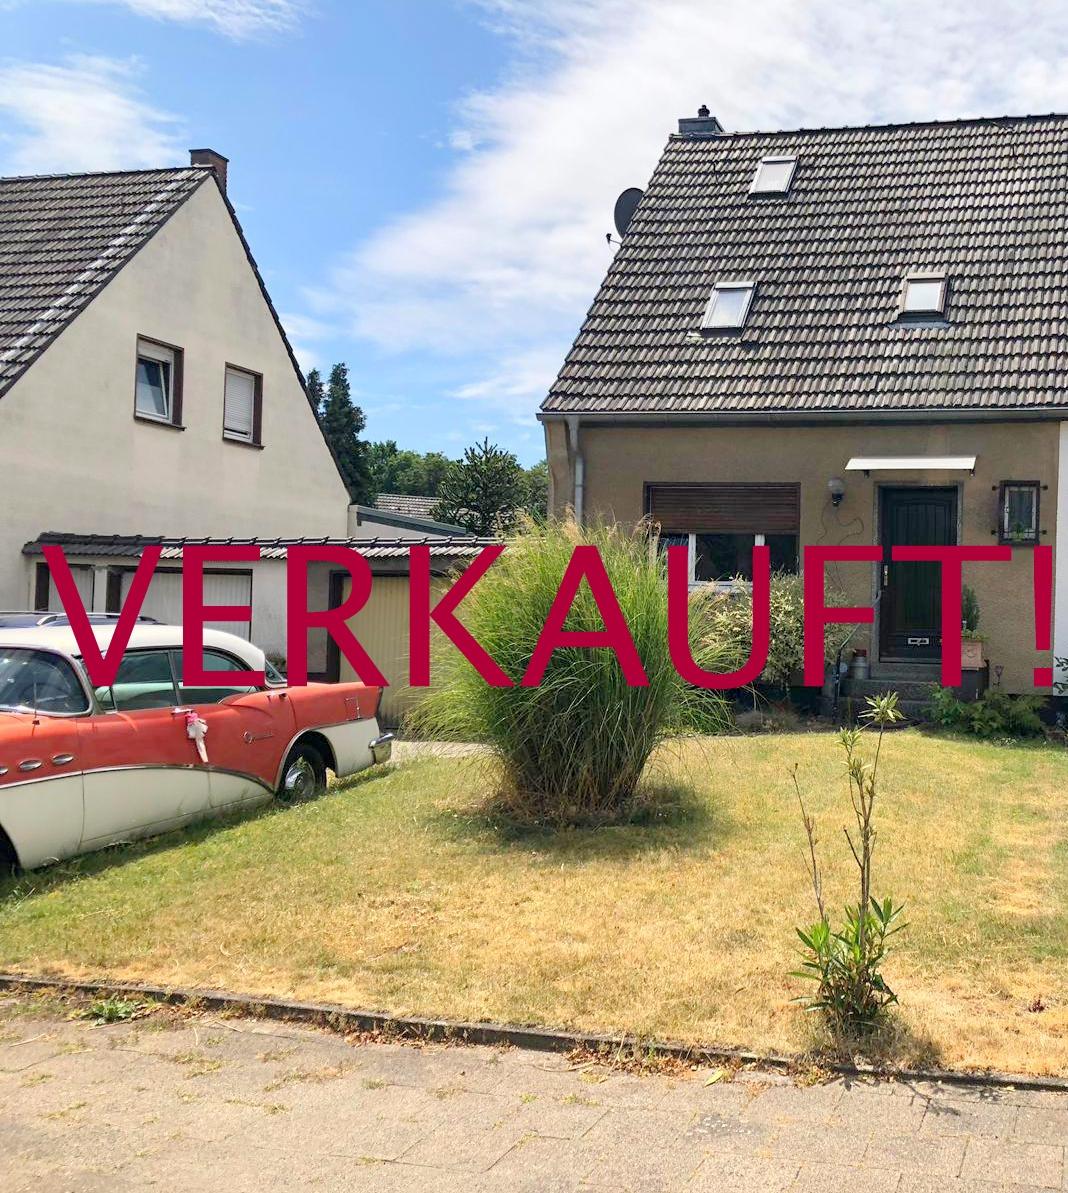 VERKAUFT! Schöne DHH mit großem Gartengrundstück und Garage in ruhiger Grünlage von Willich-Schiefbahn